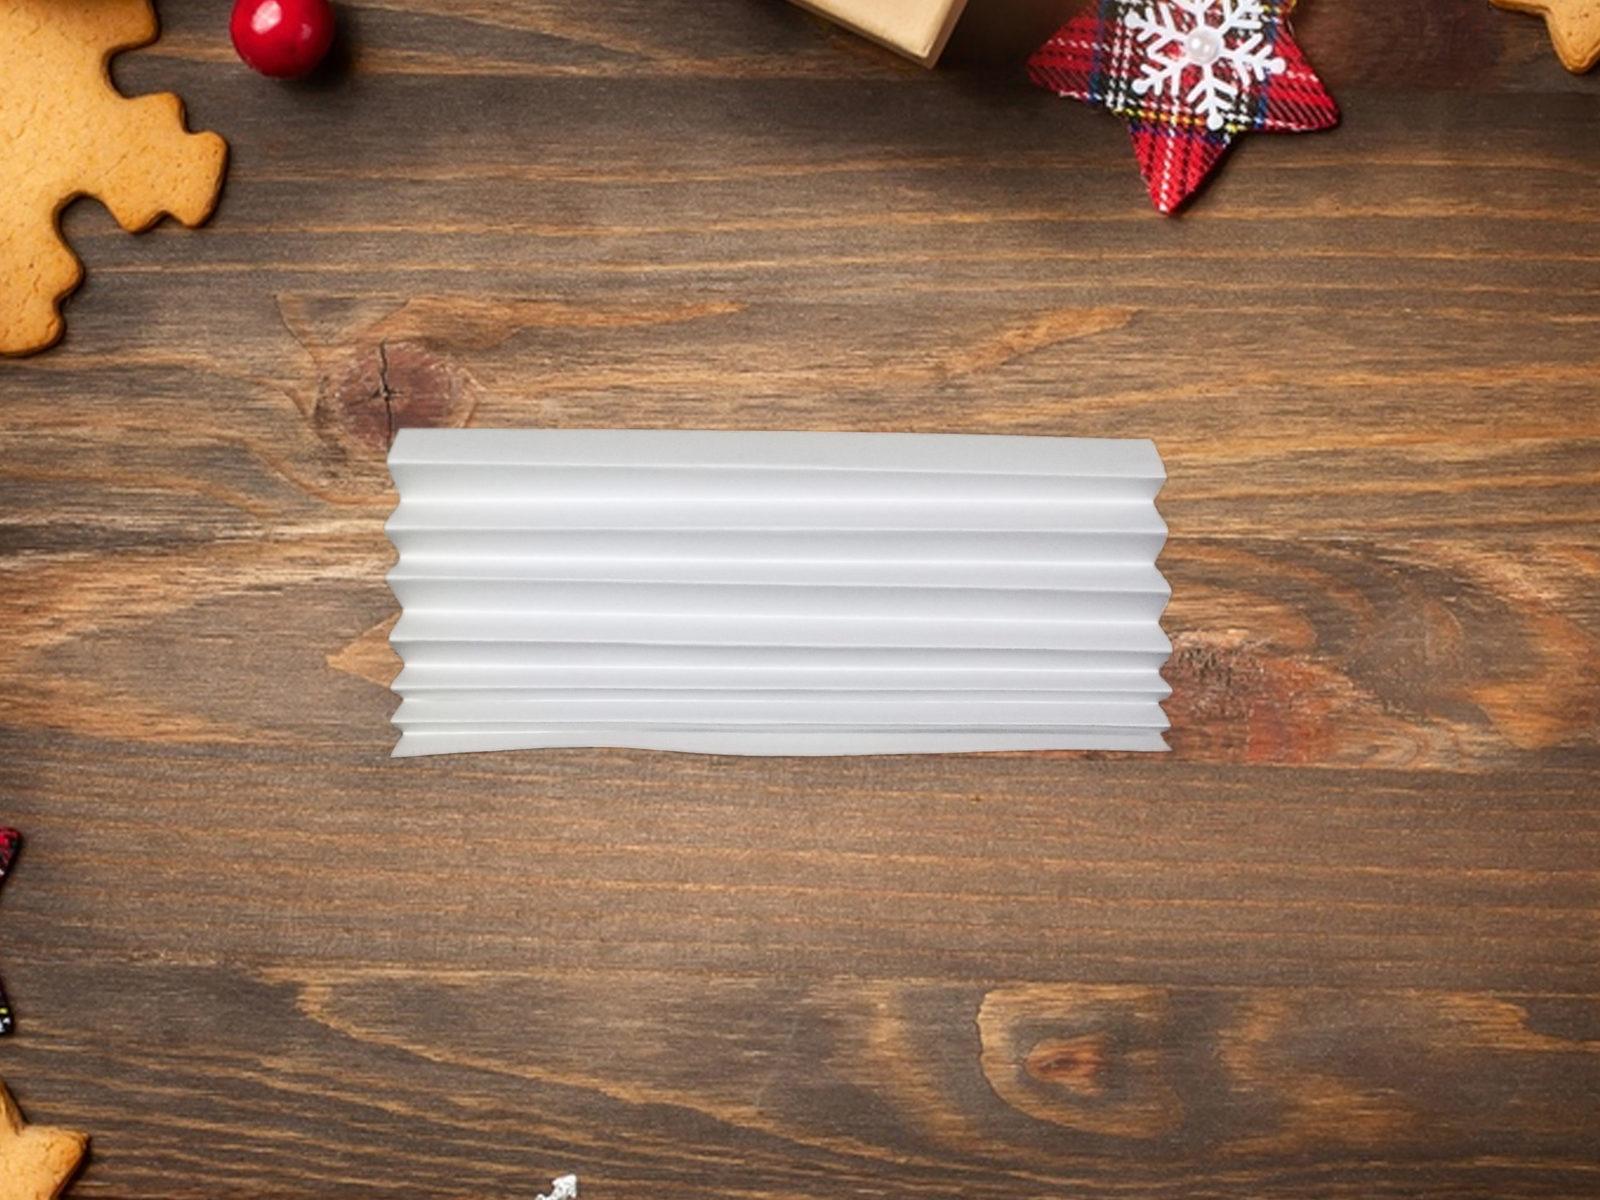 Даже при отсутствии снега за окном на Новый год особую атмосферу в доме помогут создать бумажные снежинки. Они бывают очень разными, а чтобы сделать объемную снежинку из бумаги, нужно сложить лист гармошкой, вырезать узор и расправить каждый полукруг. Материалы: • лист белой бумаги А4; • степлер; • ножницы маникюрные. Инструкции к работе Располагаем лист офисной бумаги А4 вертикально. Складываем его гармошкой. Общая ширина чуть больше 1 см. Фото 3. Теперь необходимо сложить нашу заготовку ровно пополам. Так мы наметим середину. В этом месте скрепляем гармошку степлером. Скрепка должна быть расположена поперек бумажной полоски. Фото 4. При помощи ножниц вырезаем с двух сторон на заготовке узор. Фото 5. Расправляем бумагу. Соединяем концы заготовки до образования круга. Концы скрепляем между собой степлером. Фото 6. Такую снежинку можно сделать еще больше. Для этого просто делаем вторую заготовку (аналогичную первой). Затем их необходимо расправить до формы полукруга, а затем скрепить вместе. А если взять цветную бумагу, например, голубую, получатся красивые разноцветные снежинки. Ими можно просто, но эффектно, декорировать как елку, так и офис или квартиру -2